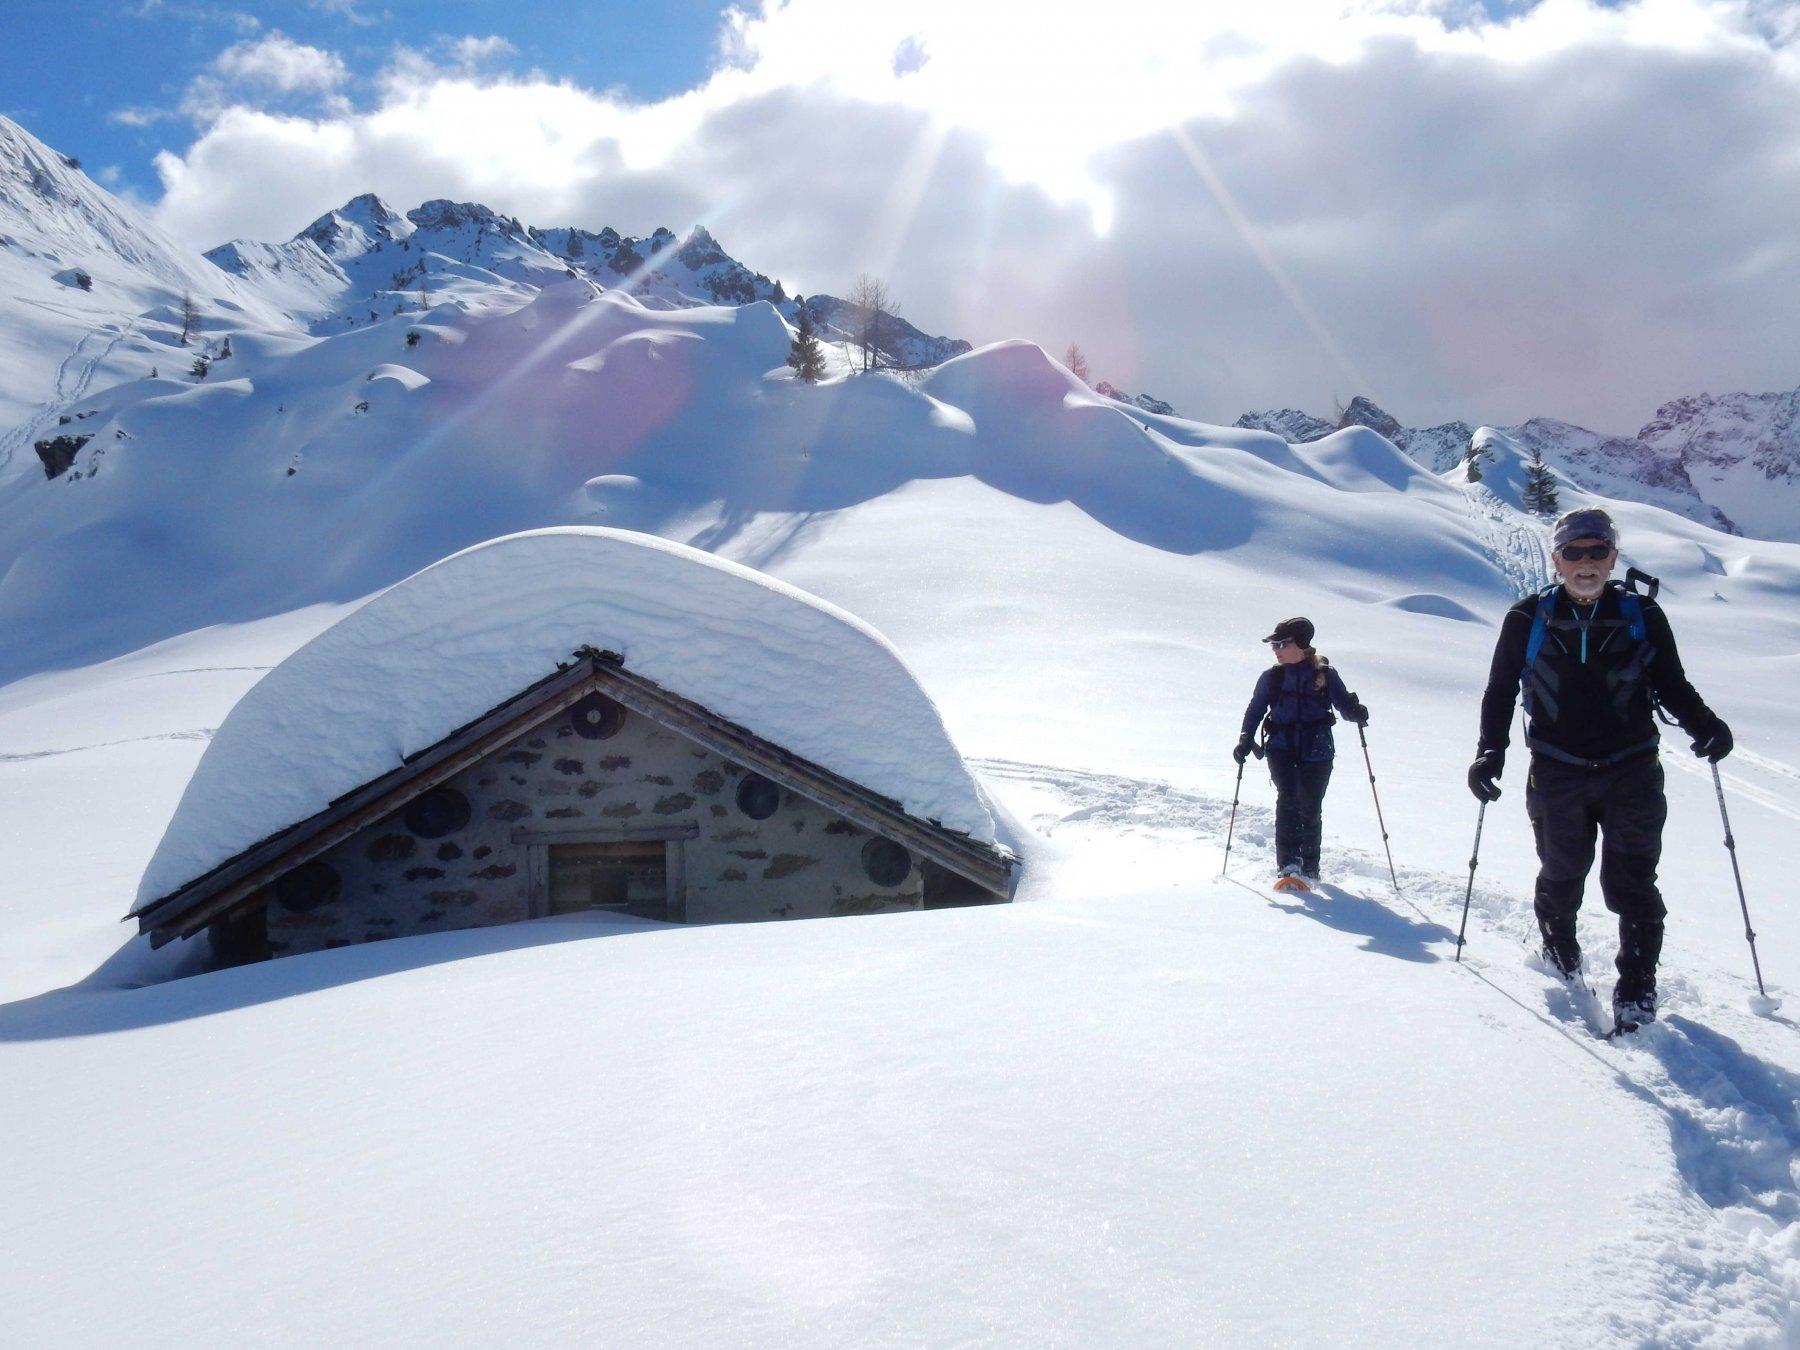 Passiamo alla Baita Pesciola 2004mt. sommersa dalla neve.